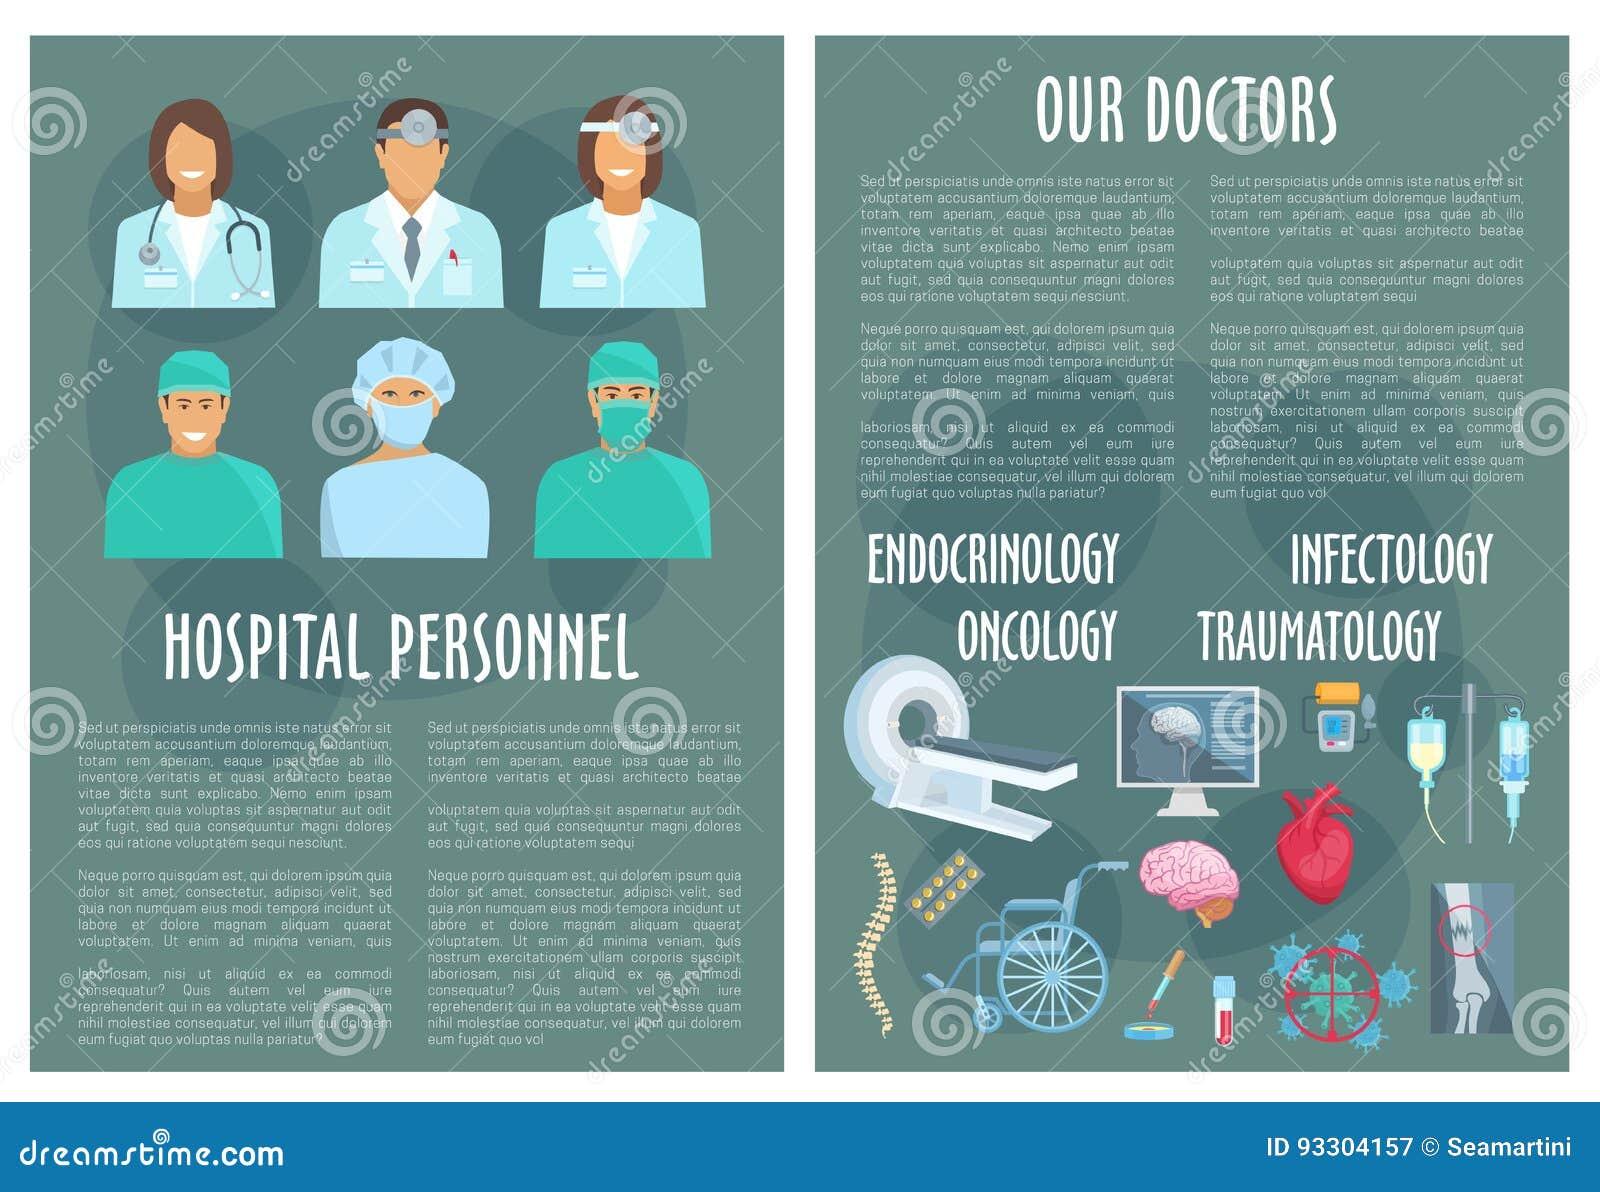 Poster design medical - Hospital Medical Personnel Doctor Poster Design Stock Vector